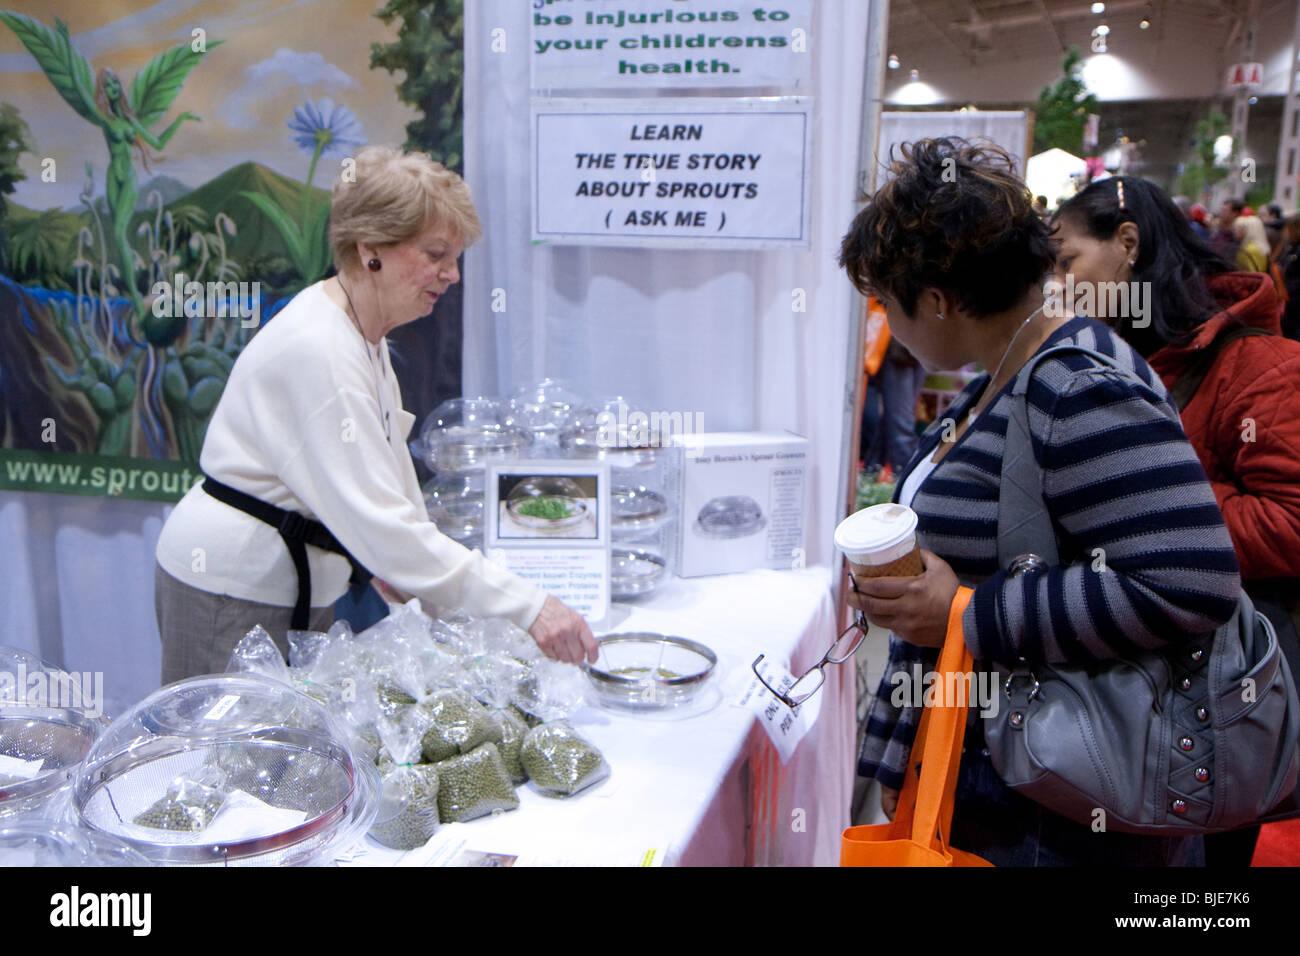 Canada blooms event explain flower garden sale sales shopper shoppers show - Stock Image